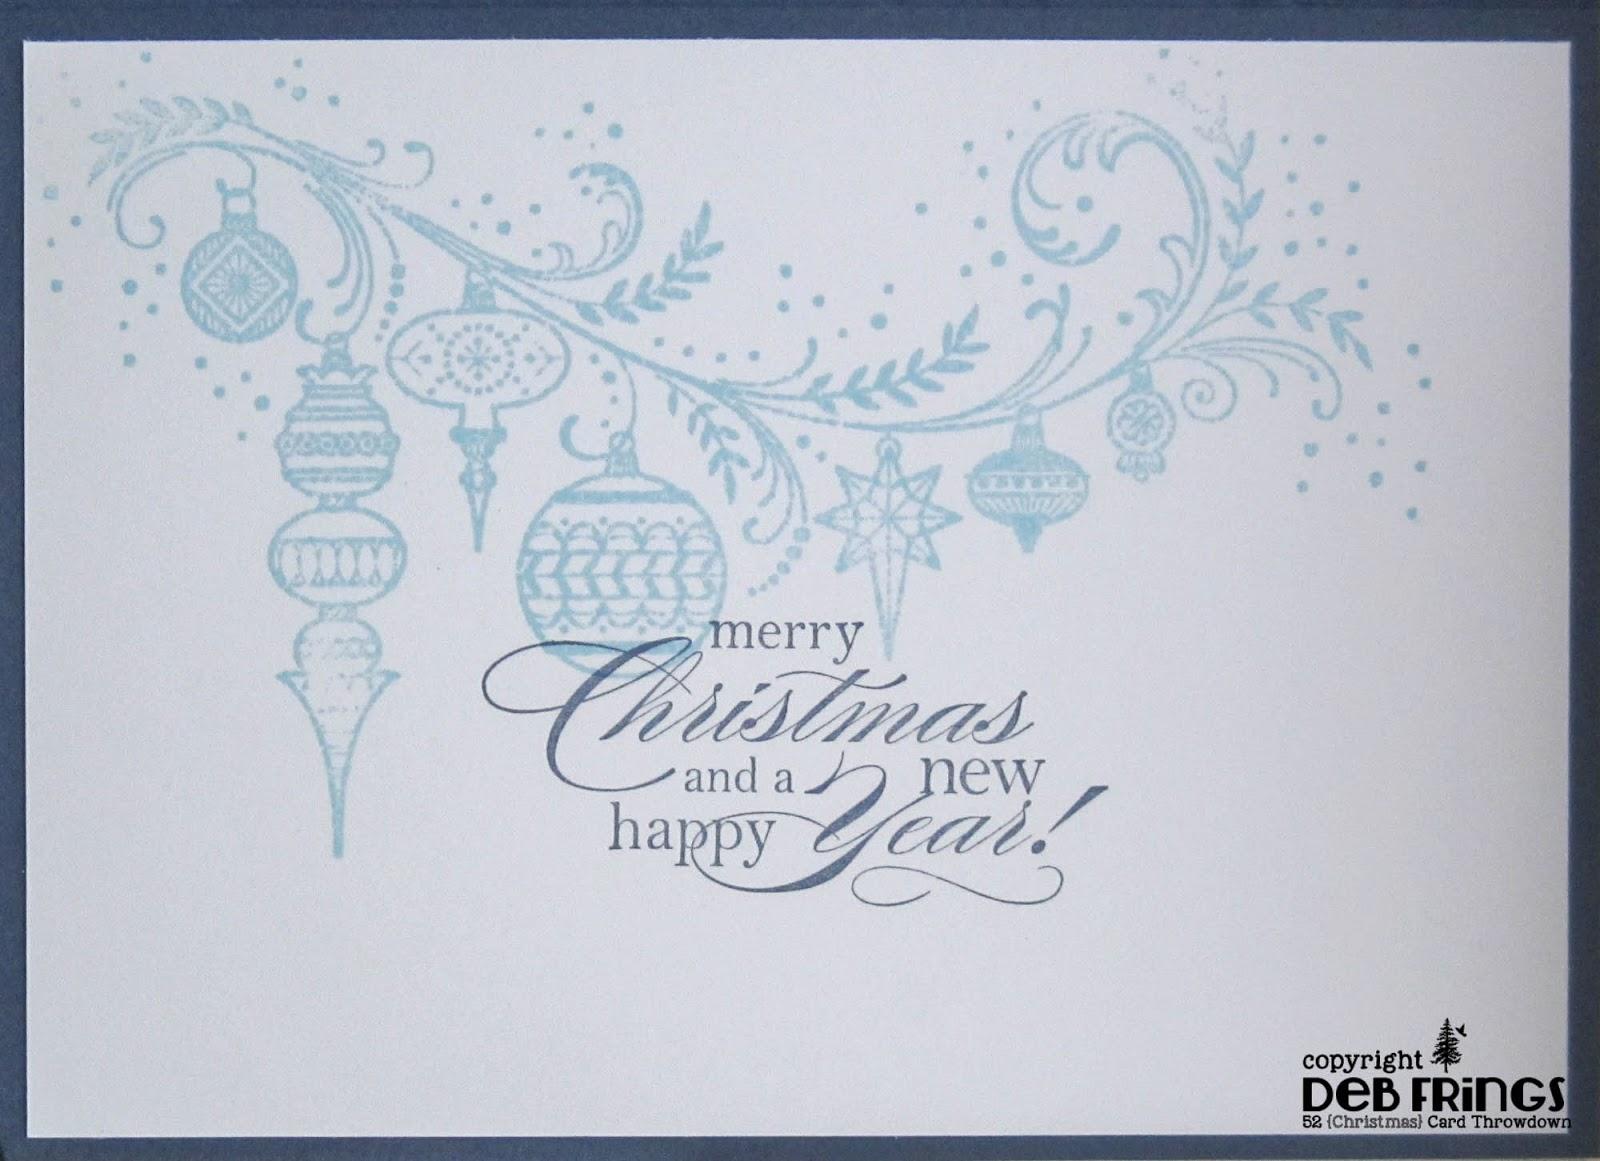 Festive Greetings inside - photo by Deborah Frings - Deborah's Gems